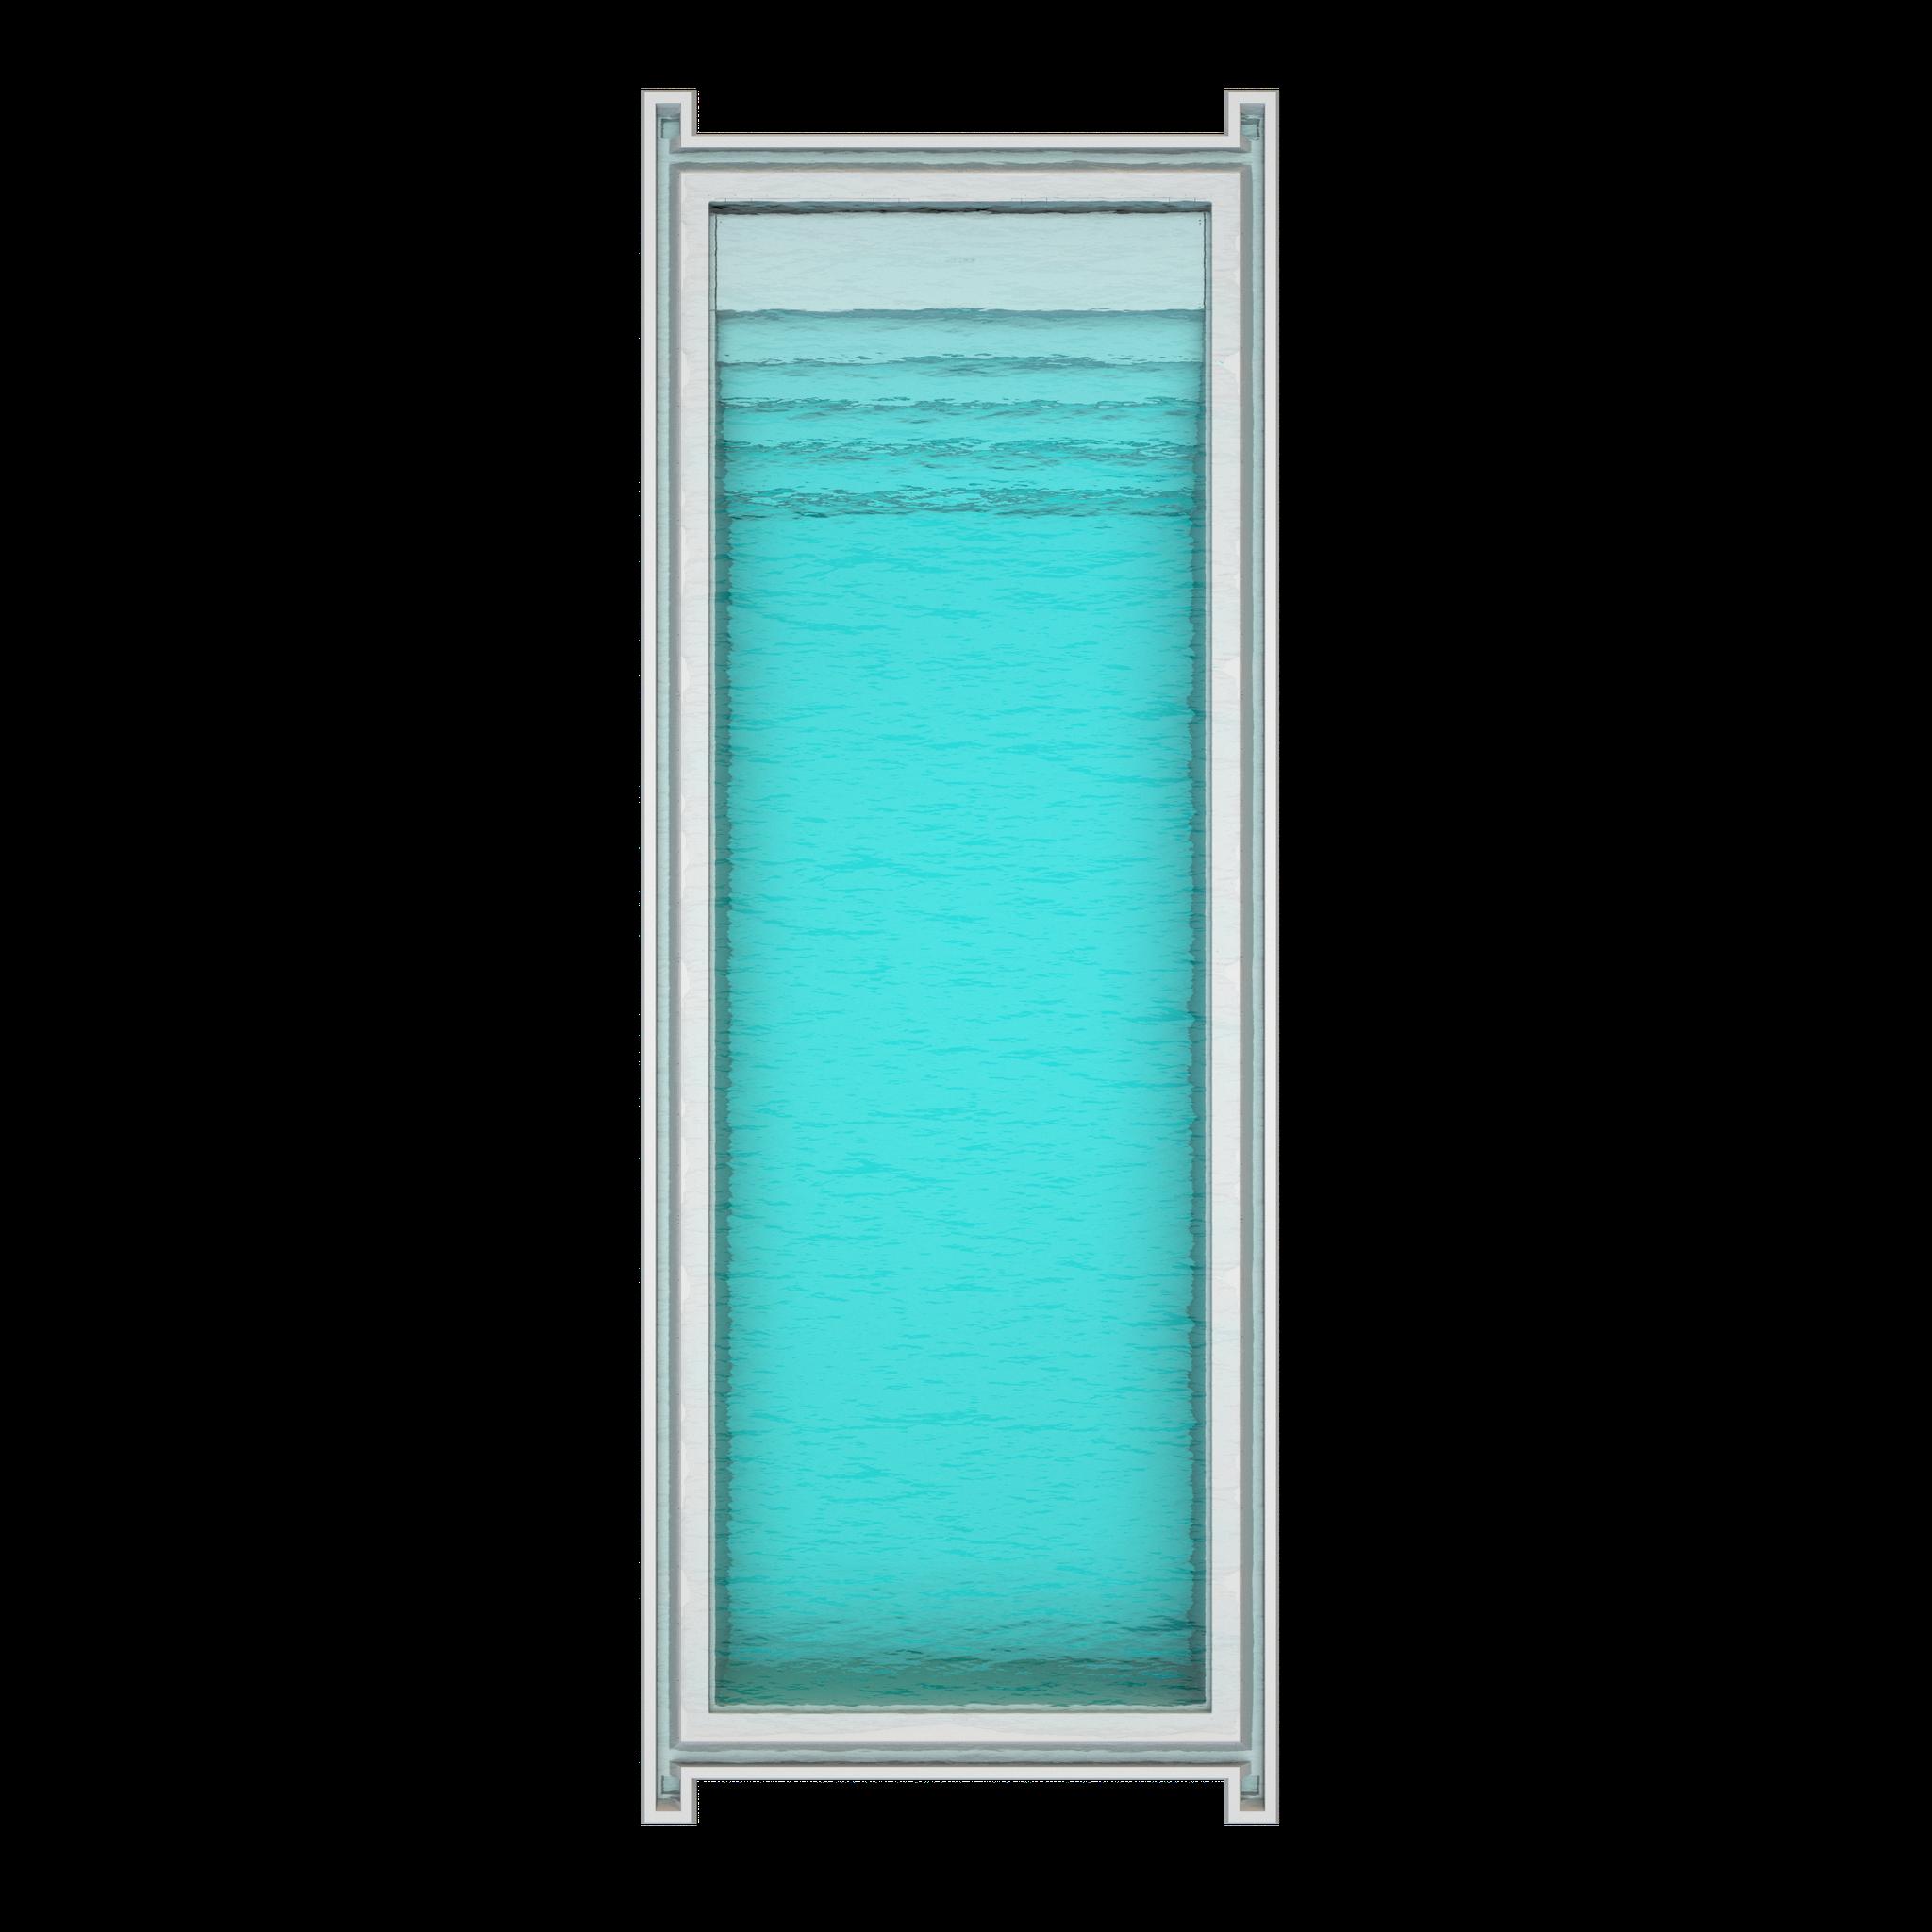 Nexxt 120  Länge : 12m | Breite : 4,10m | Tiefe : 1,60m Inhalt: 70000 liter